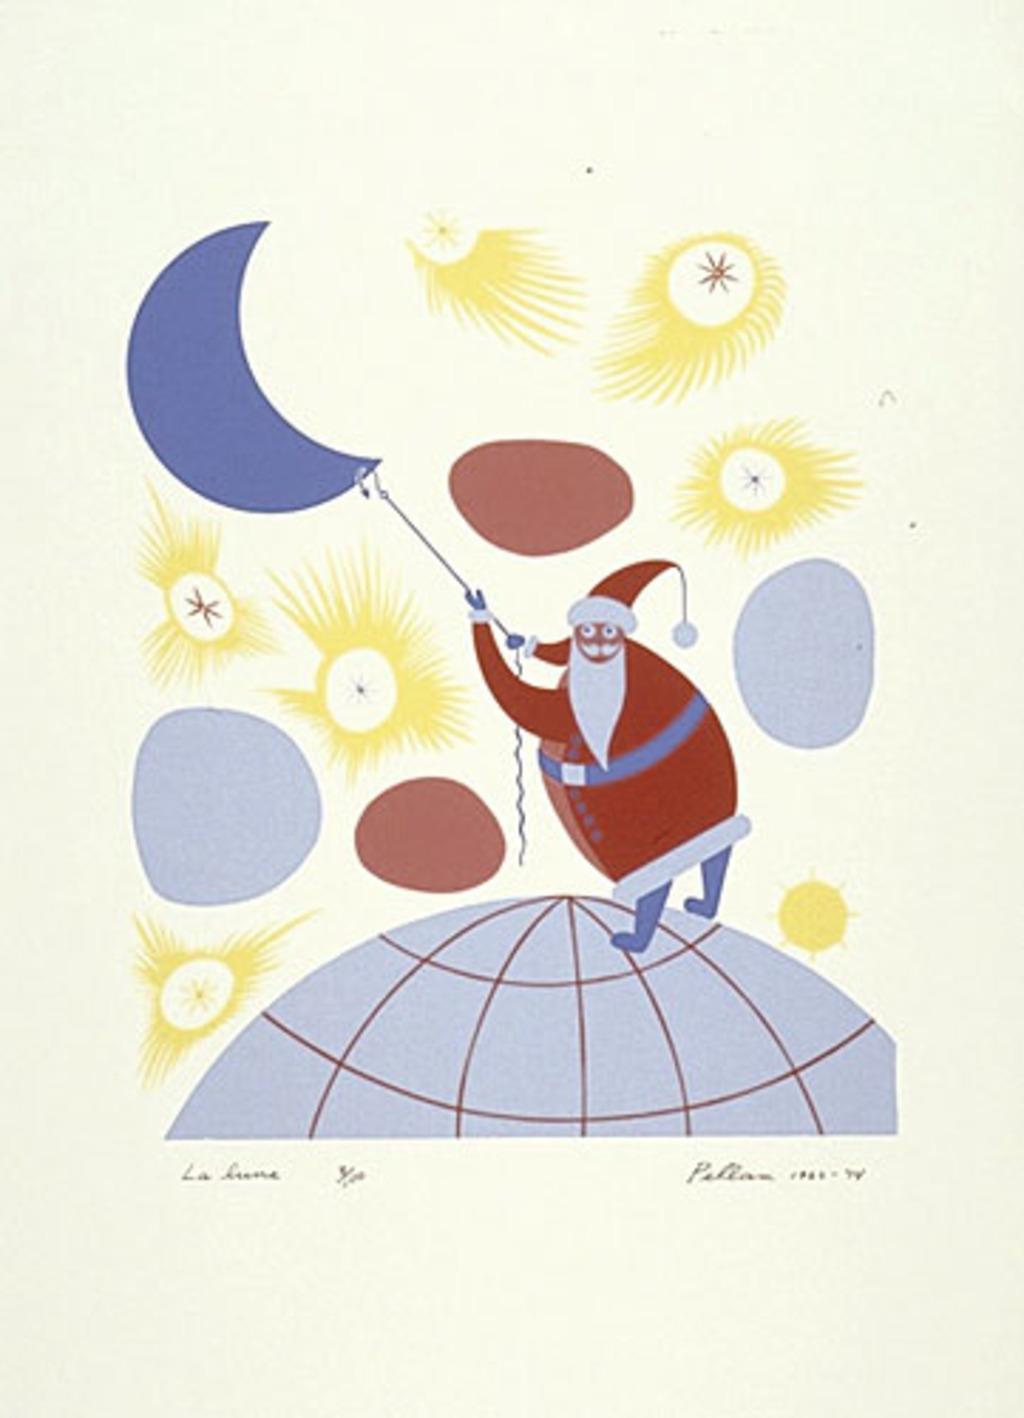 La Lune, du livre d'artiste «Les Pères Noëls»